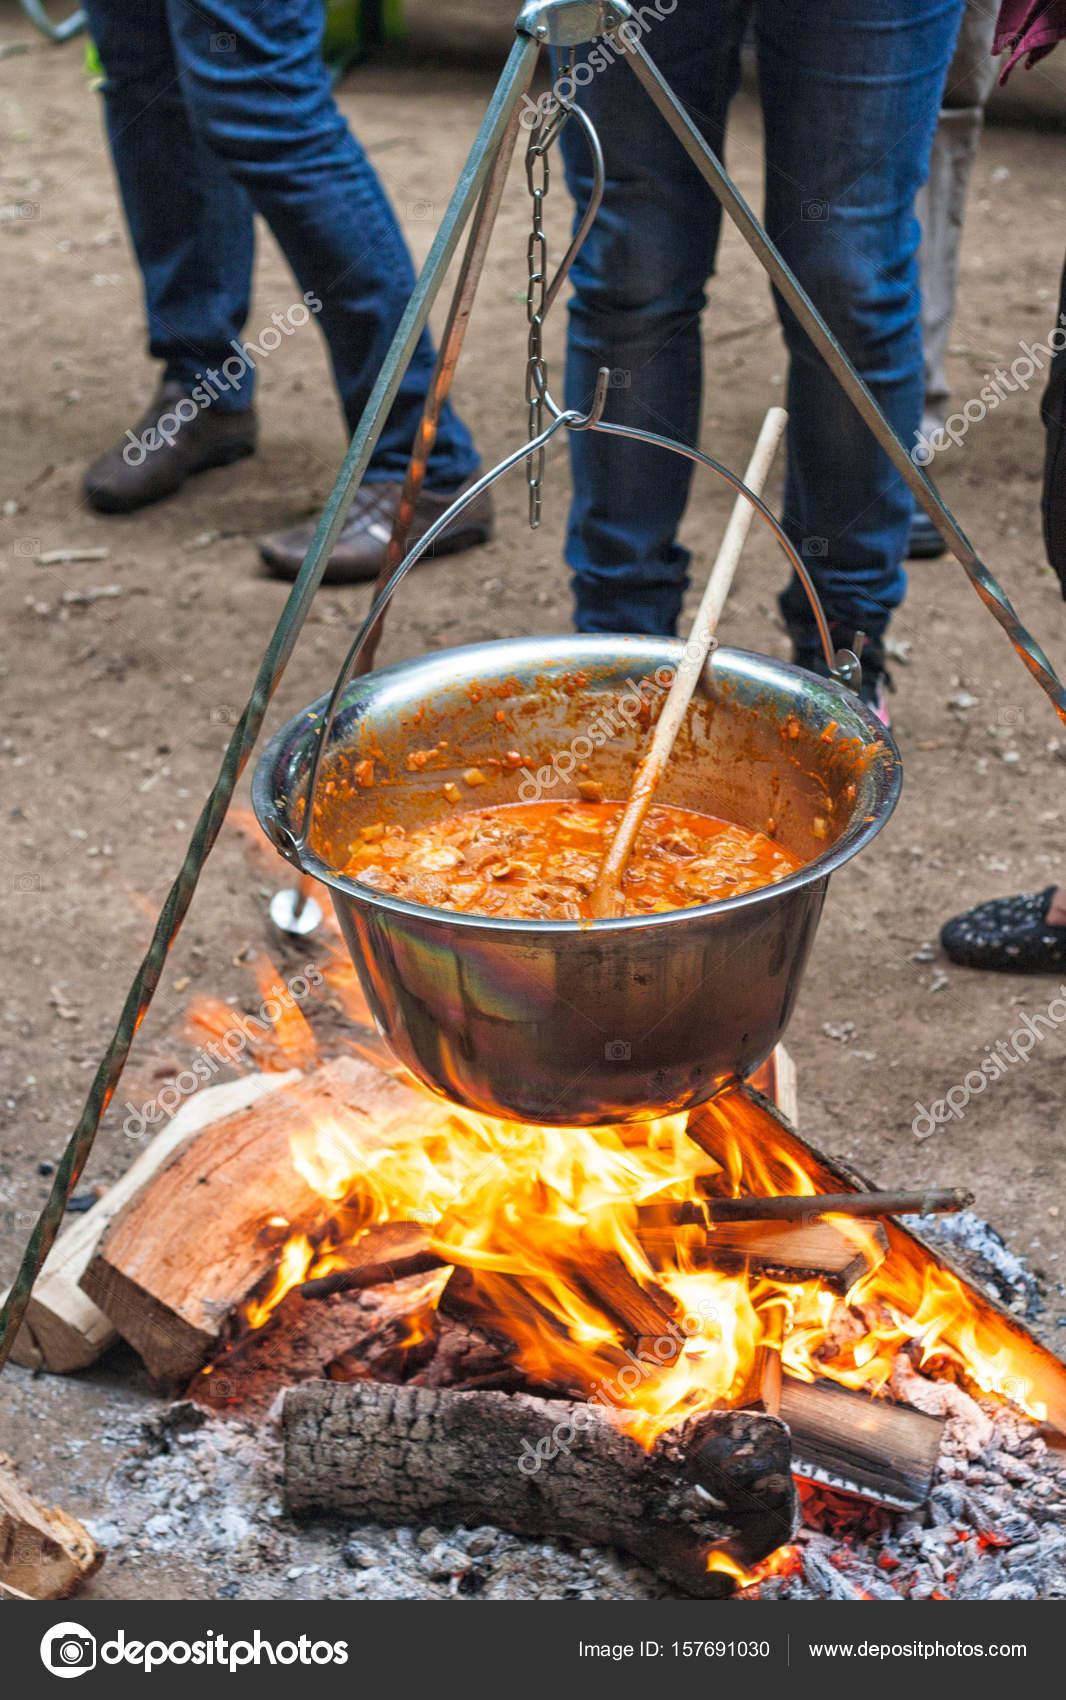 Ungarische Gulasch in einem Kessel über dem Lagerfeuer zu machen ...